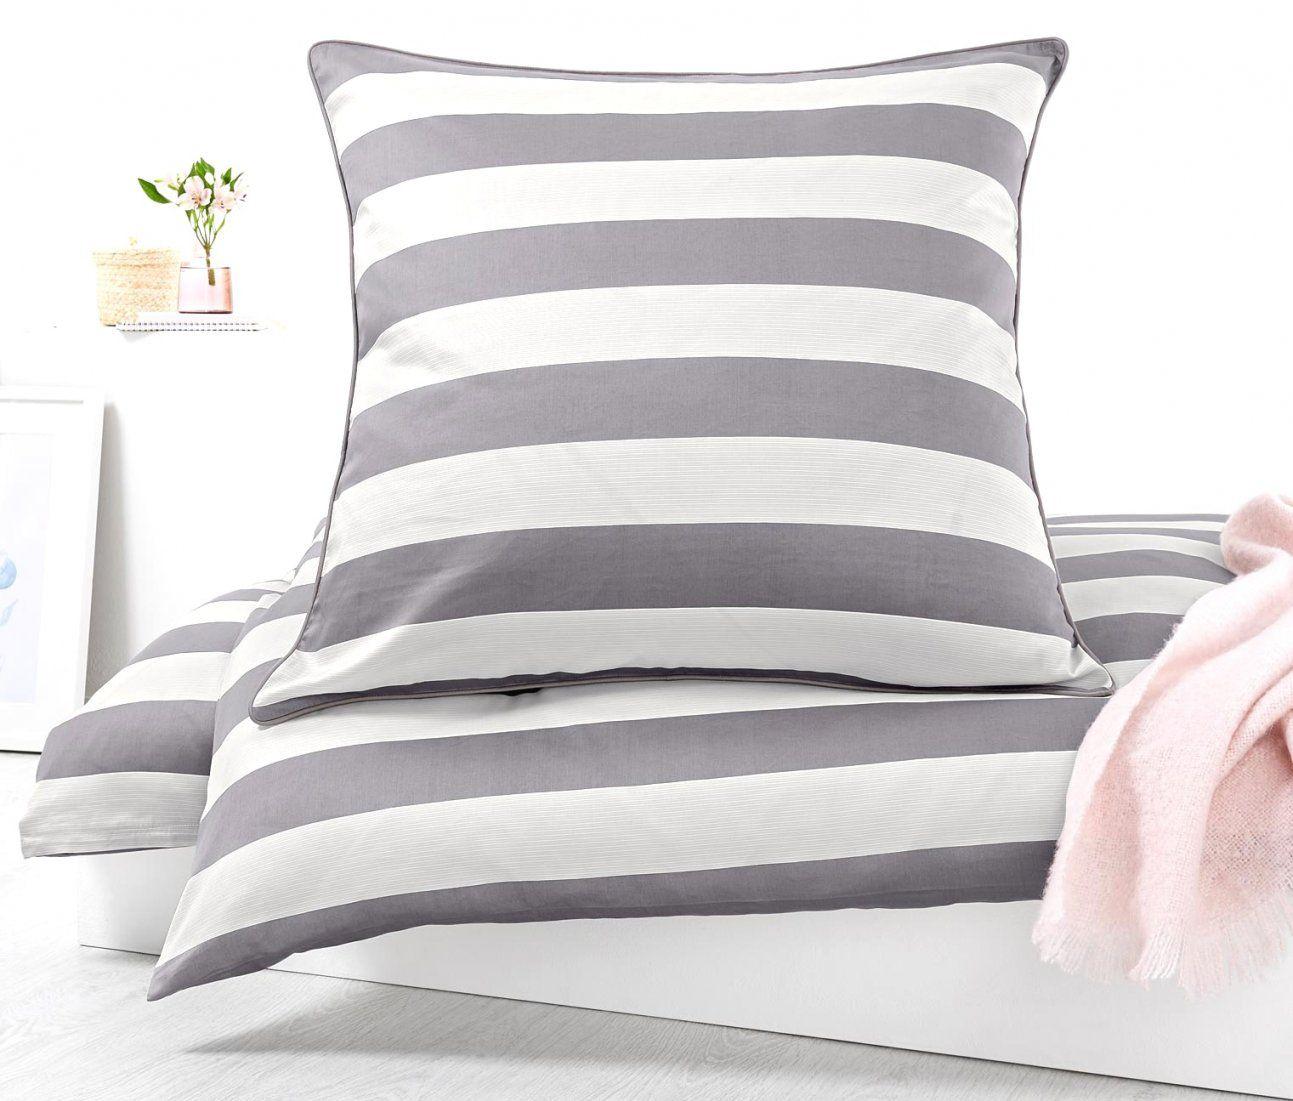 Spektakuläre Inspiration Normale Bettwäsche Maße Und Satin Online von Bettwäsche Normale Maße Photo